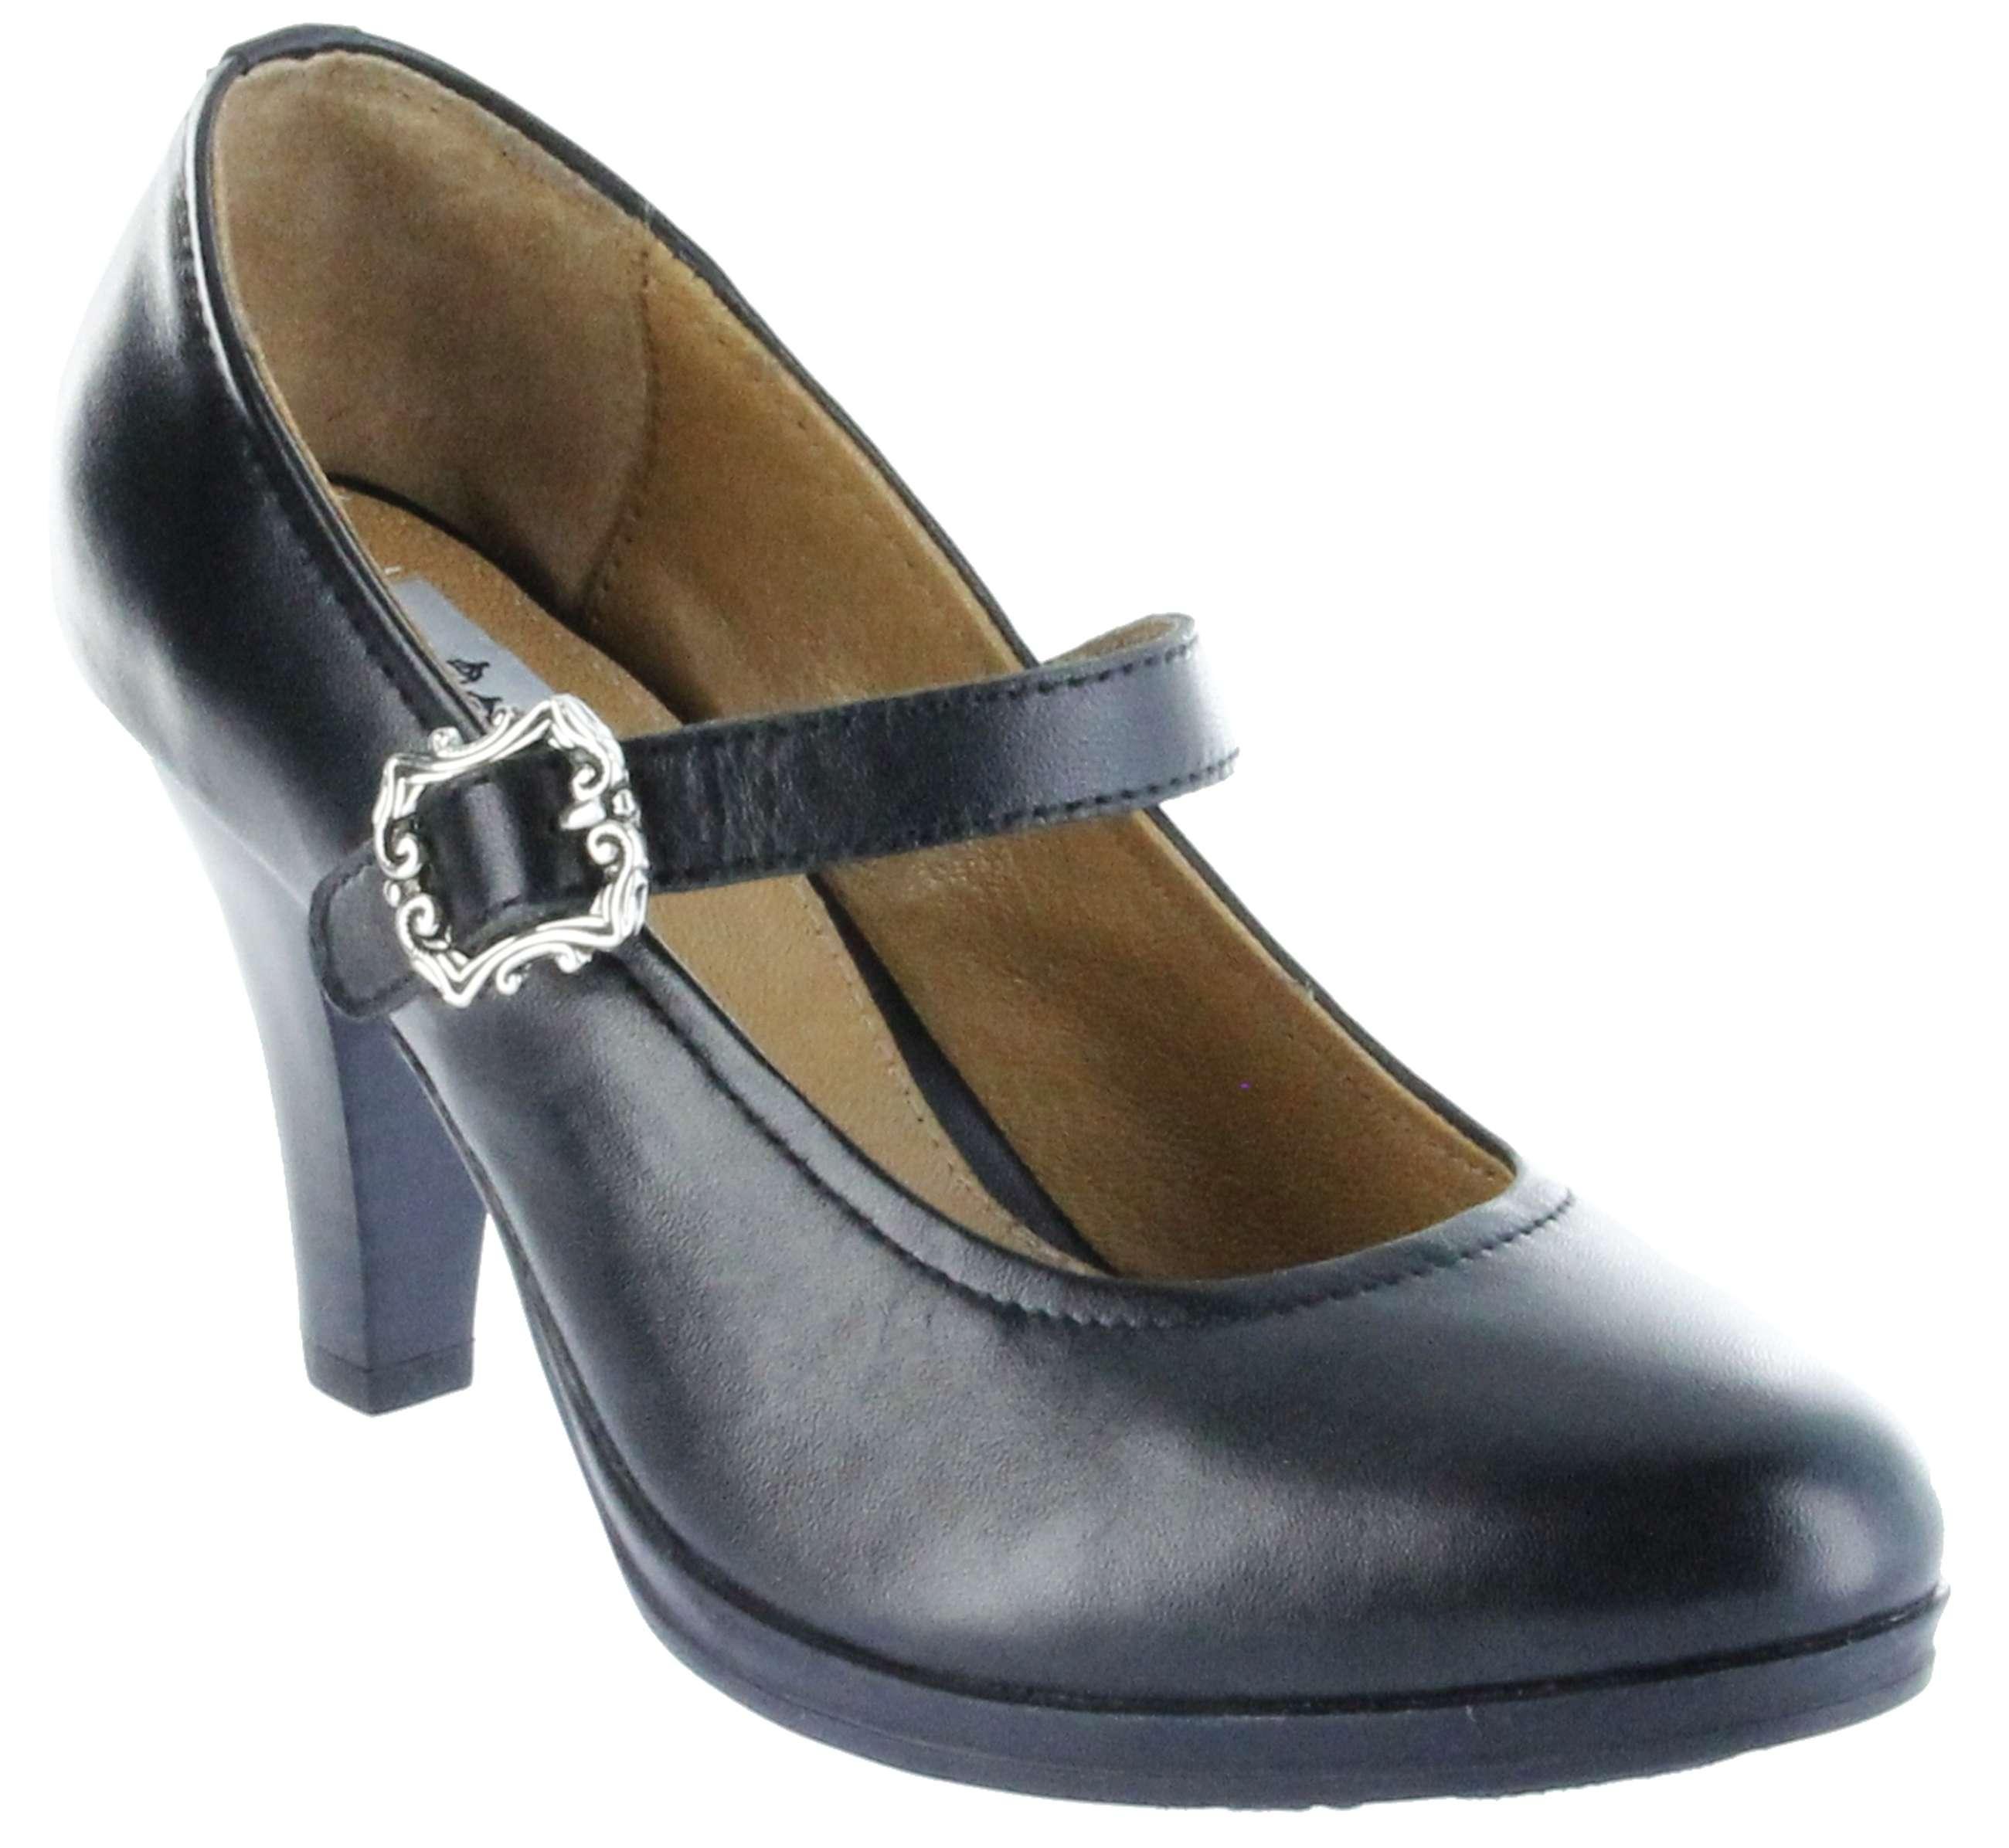 half off d4499 41fb8 Bergheimer Trachtenschuhe Trachten Pumps schwarz Leder Damen Schuhe Bärbel